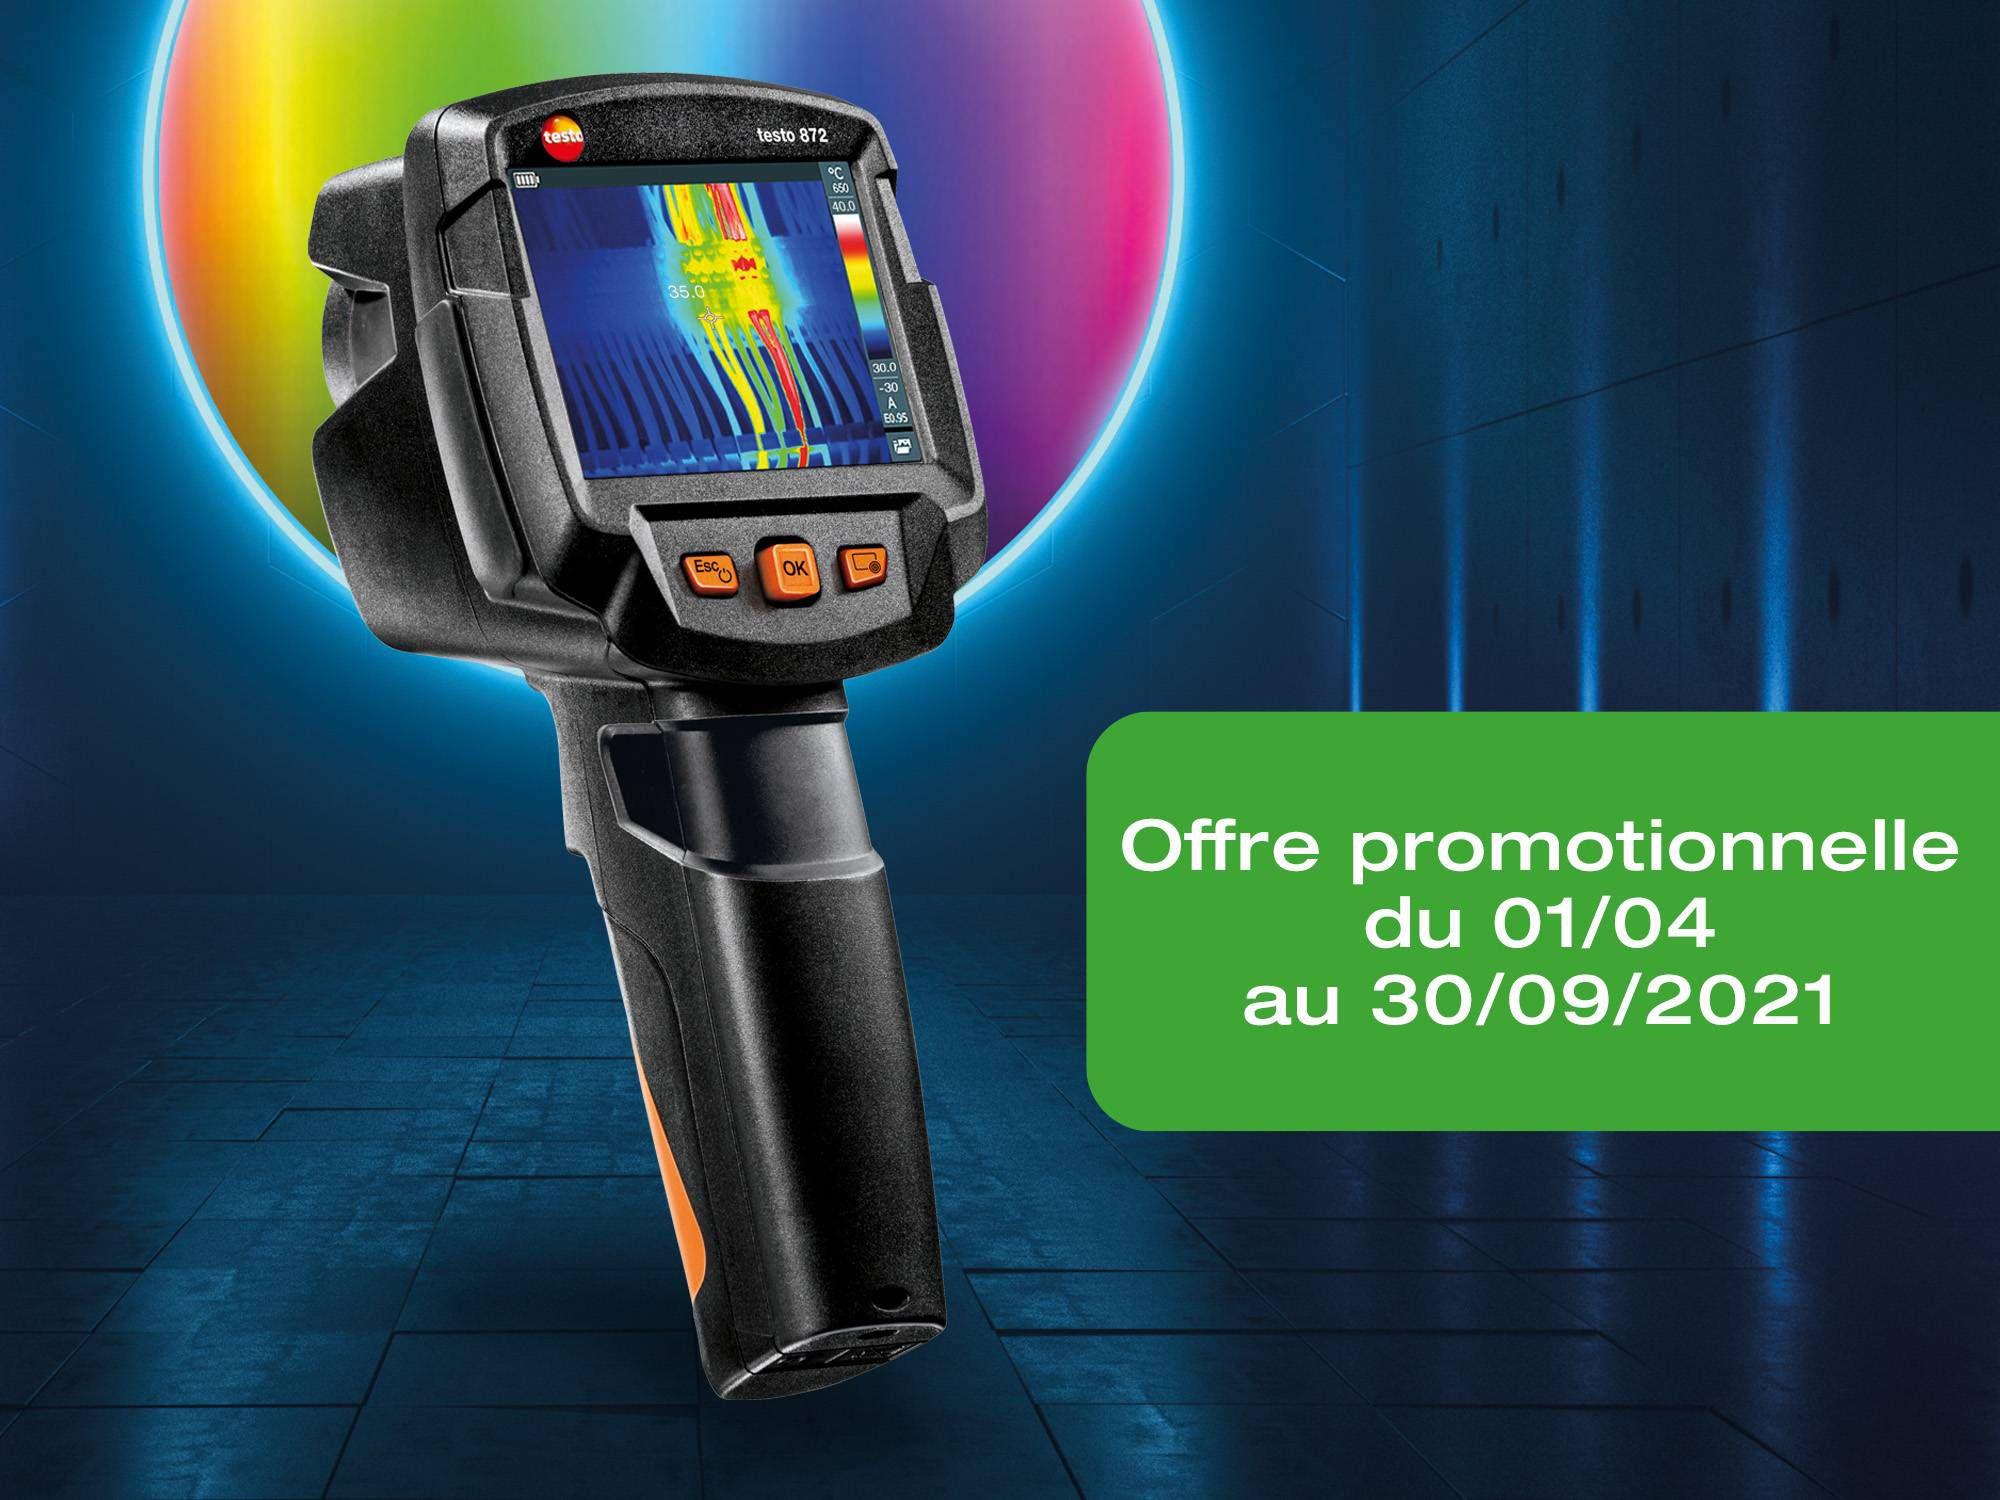 testo872: La thermographie intelligente, avec une qualité d'image maximale.